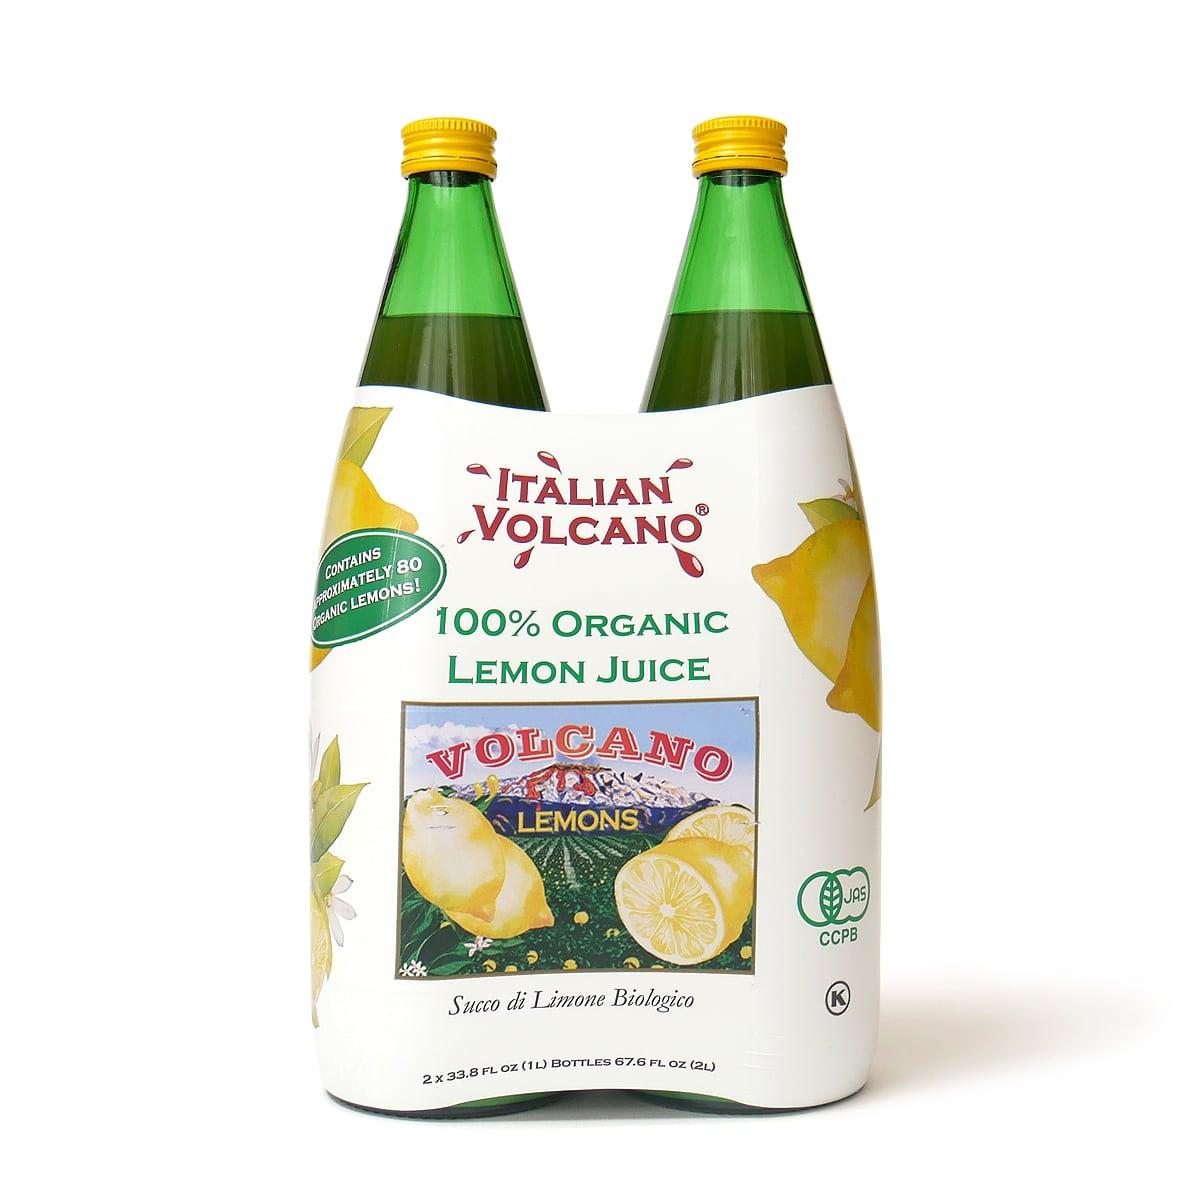 イタリアンボルケーノ 100%オーガニックレモンジュース 1L×2